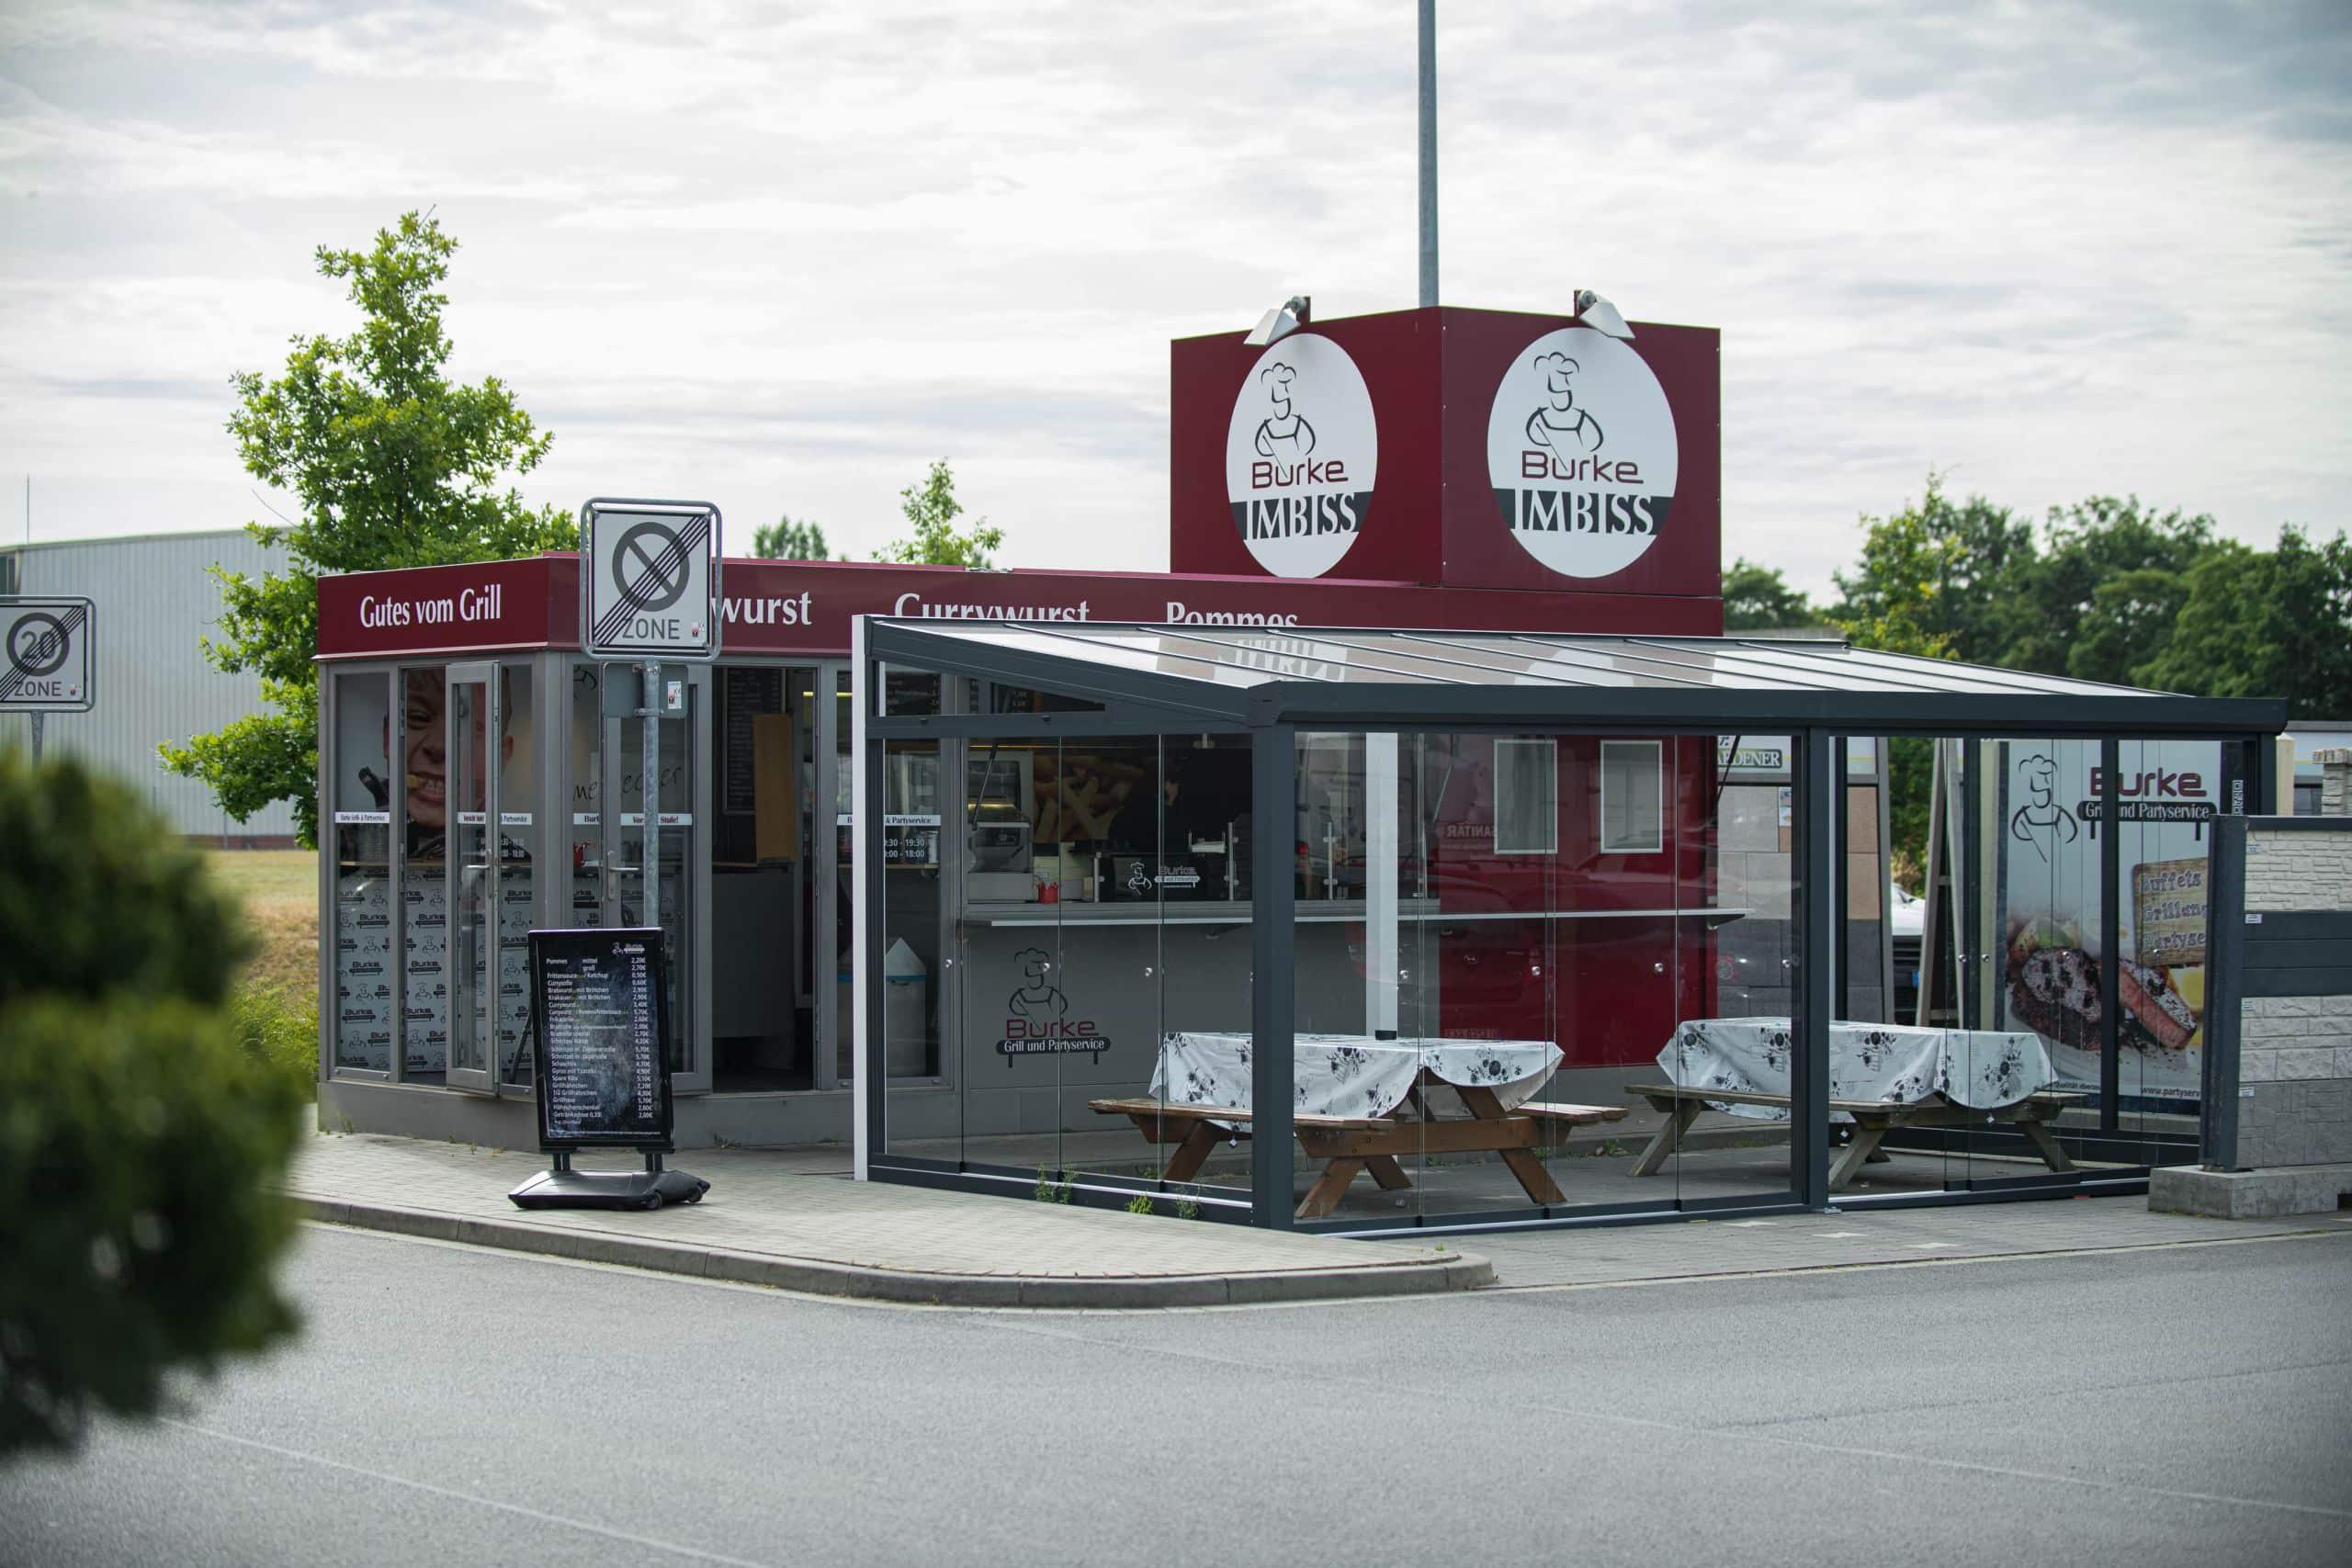 Grill- und Partyservice Burke am Niederrhein